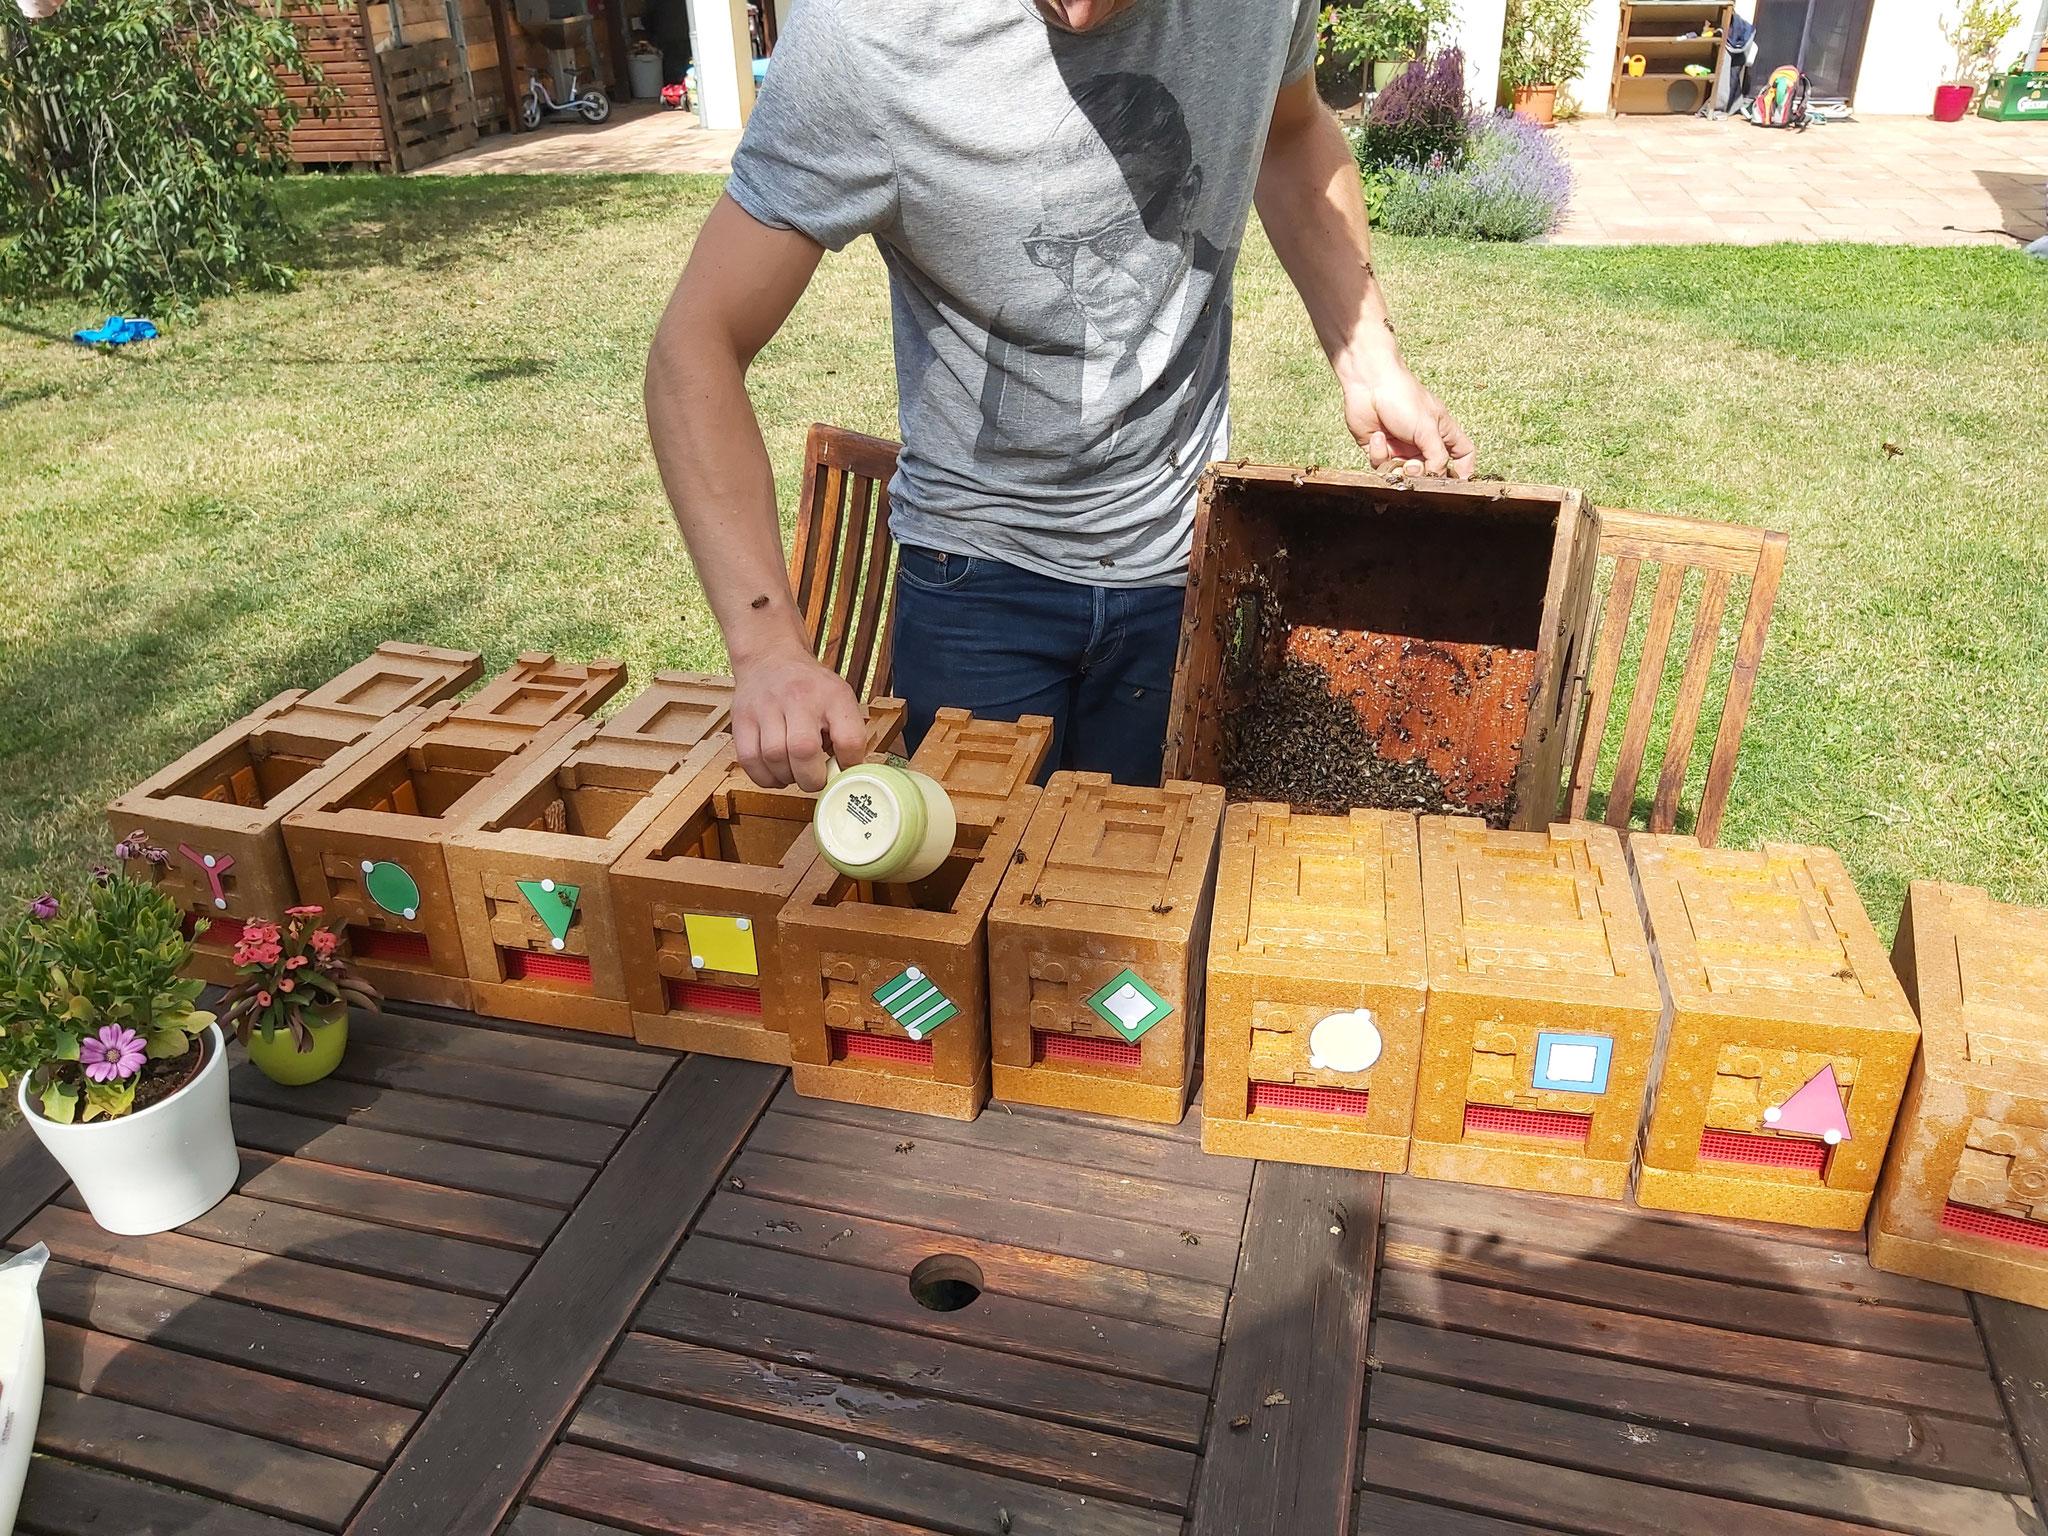 befüllen der Begattungskästchen mit Bienen.